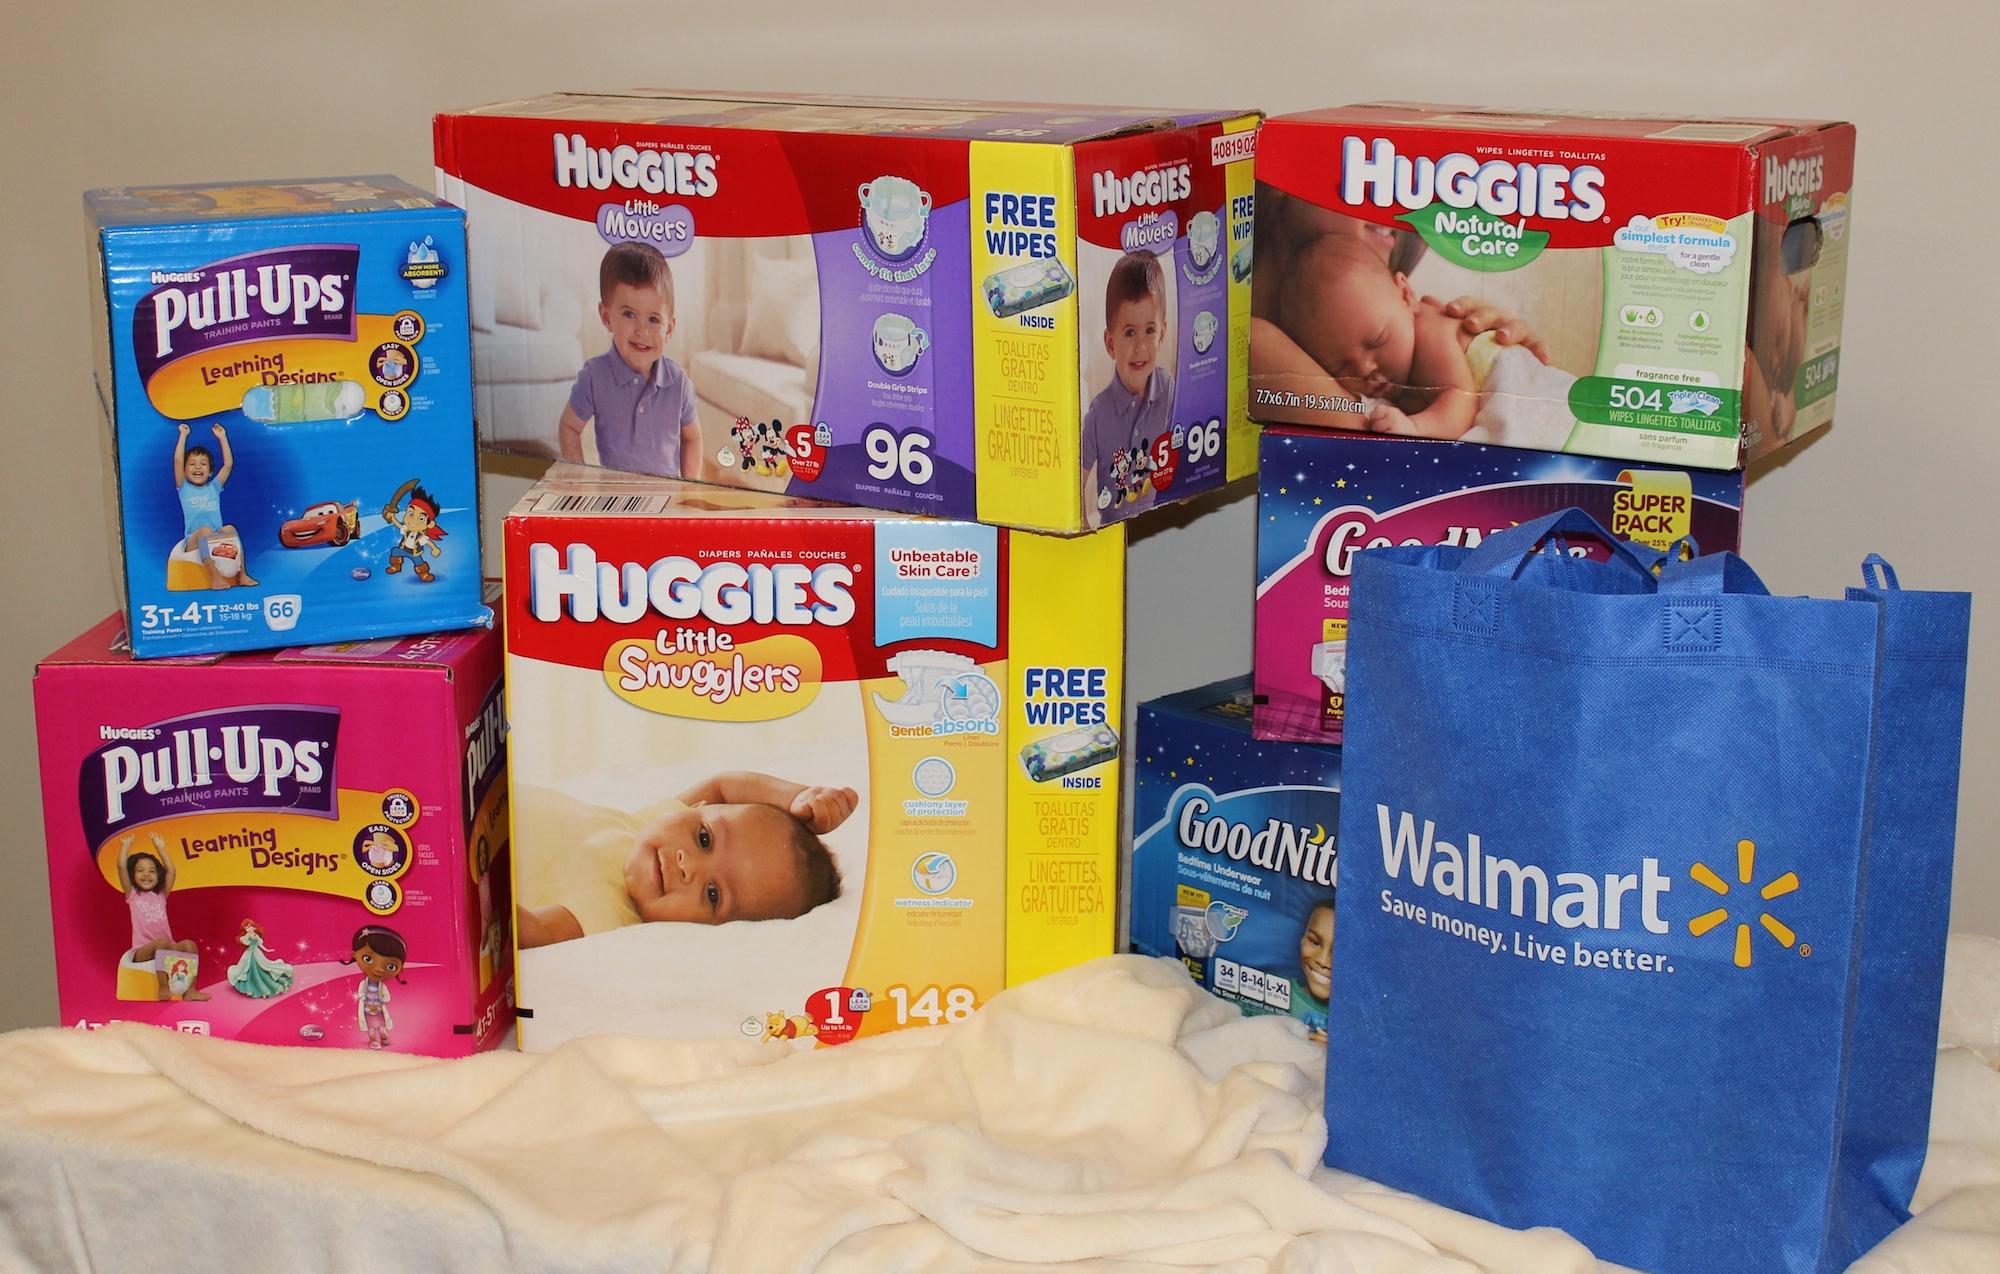 Free Digital Printable Diaper Coupons At Walmart - Free Printable Food Coupons For Walmart